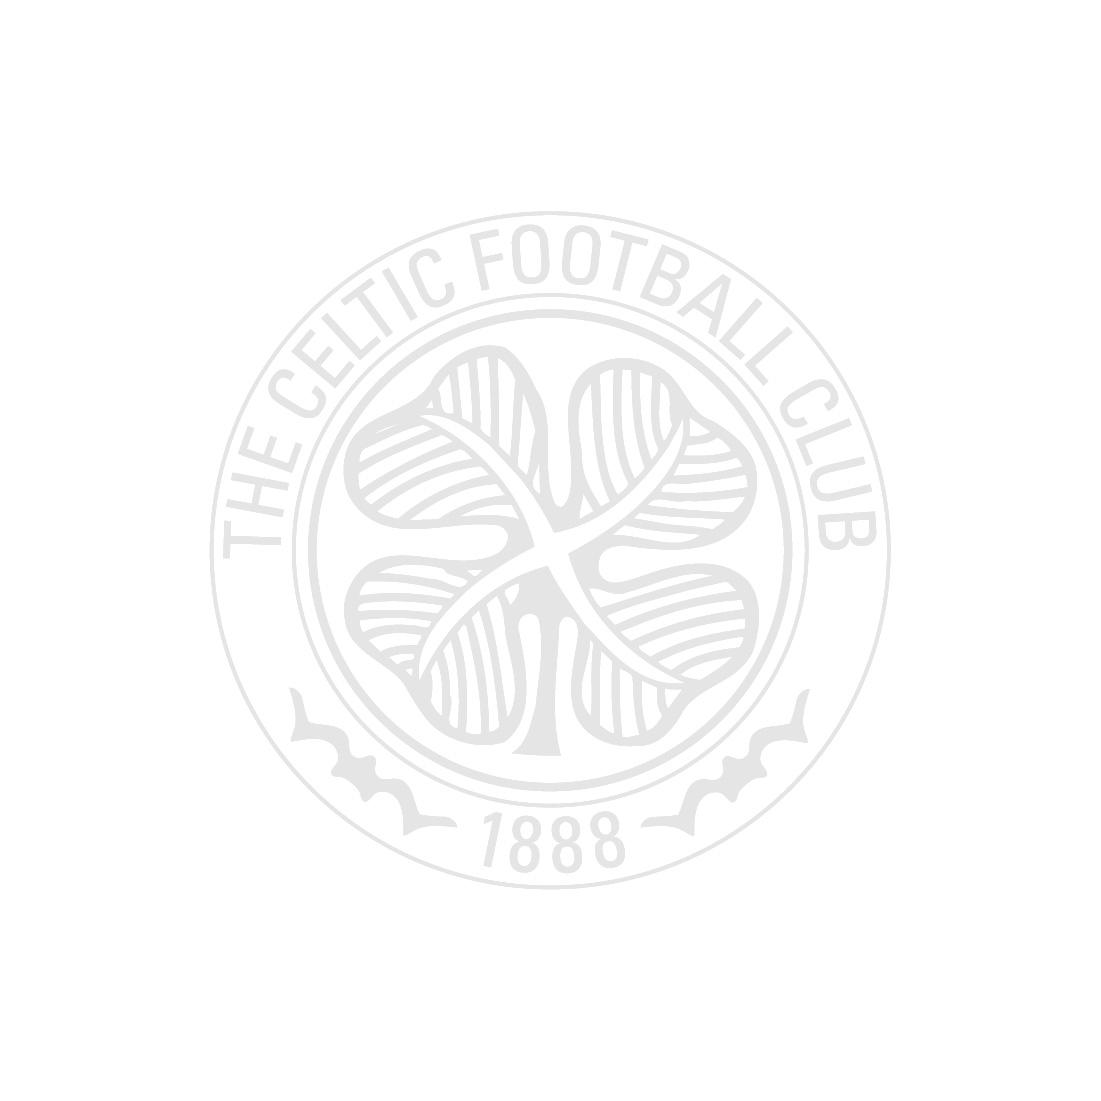 Celtic Fluoro Skills Football